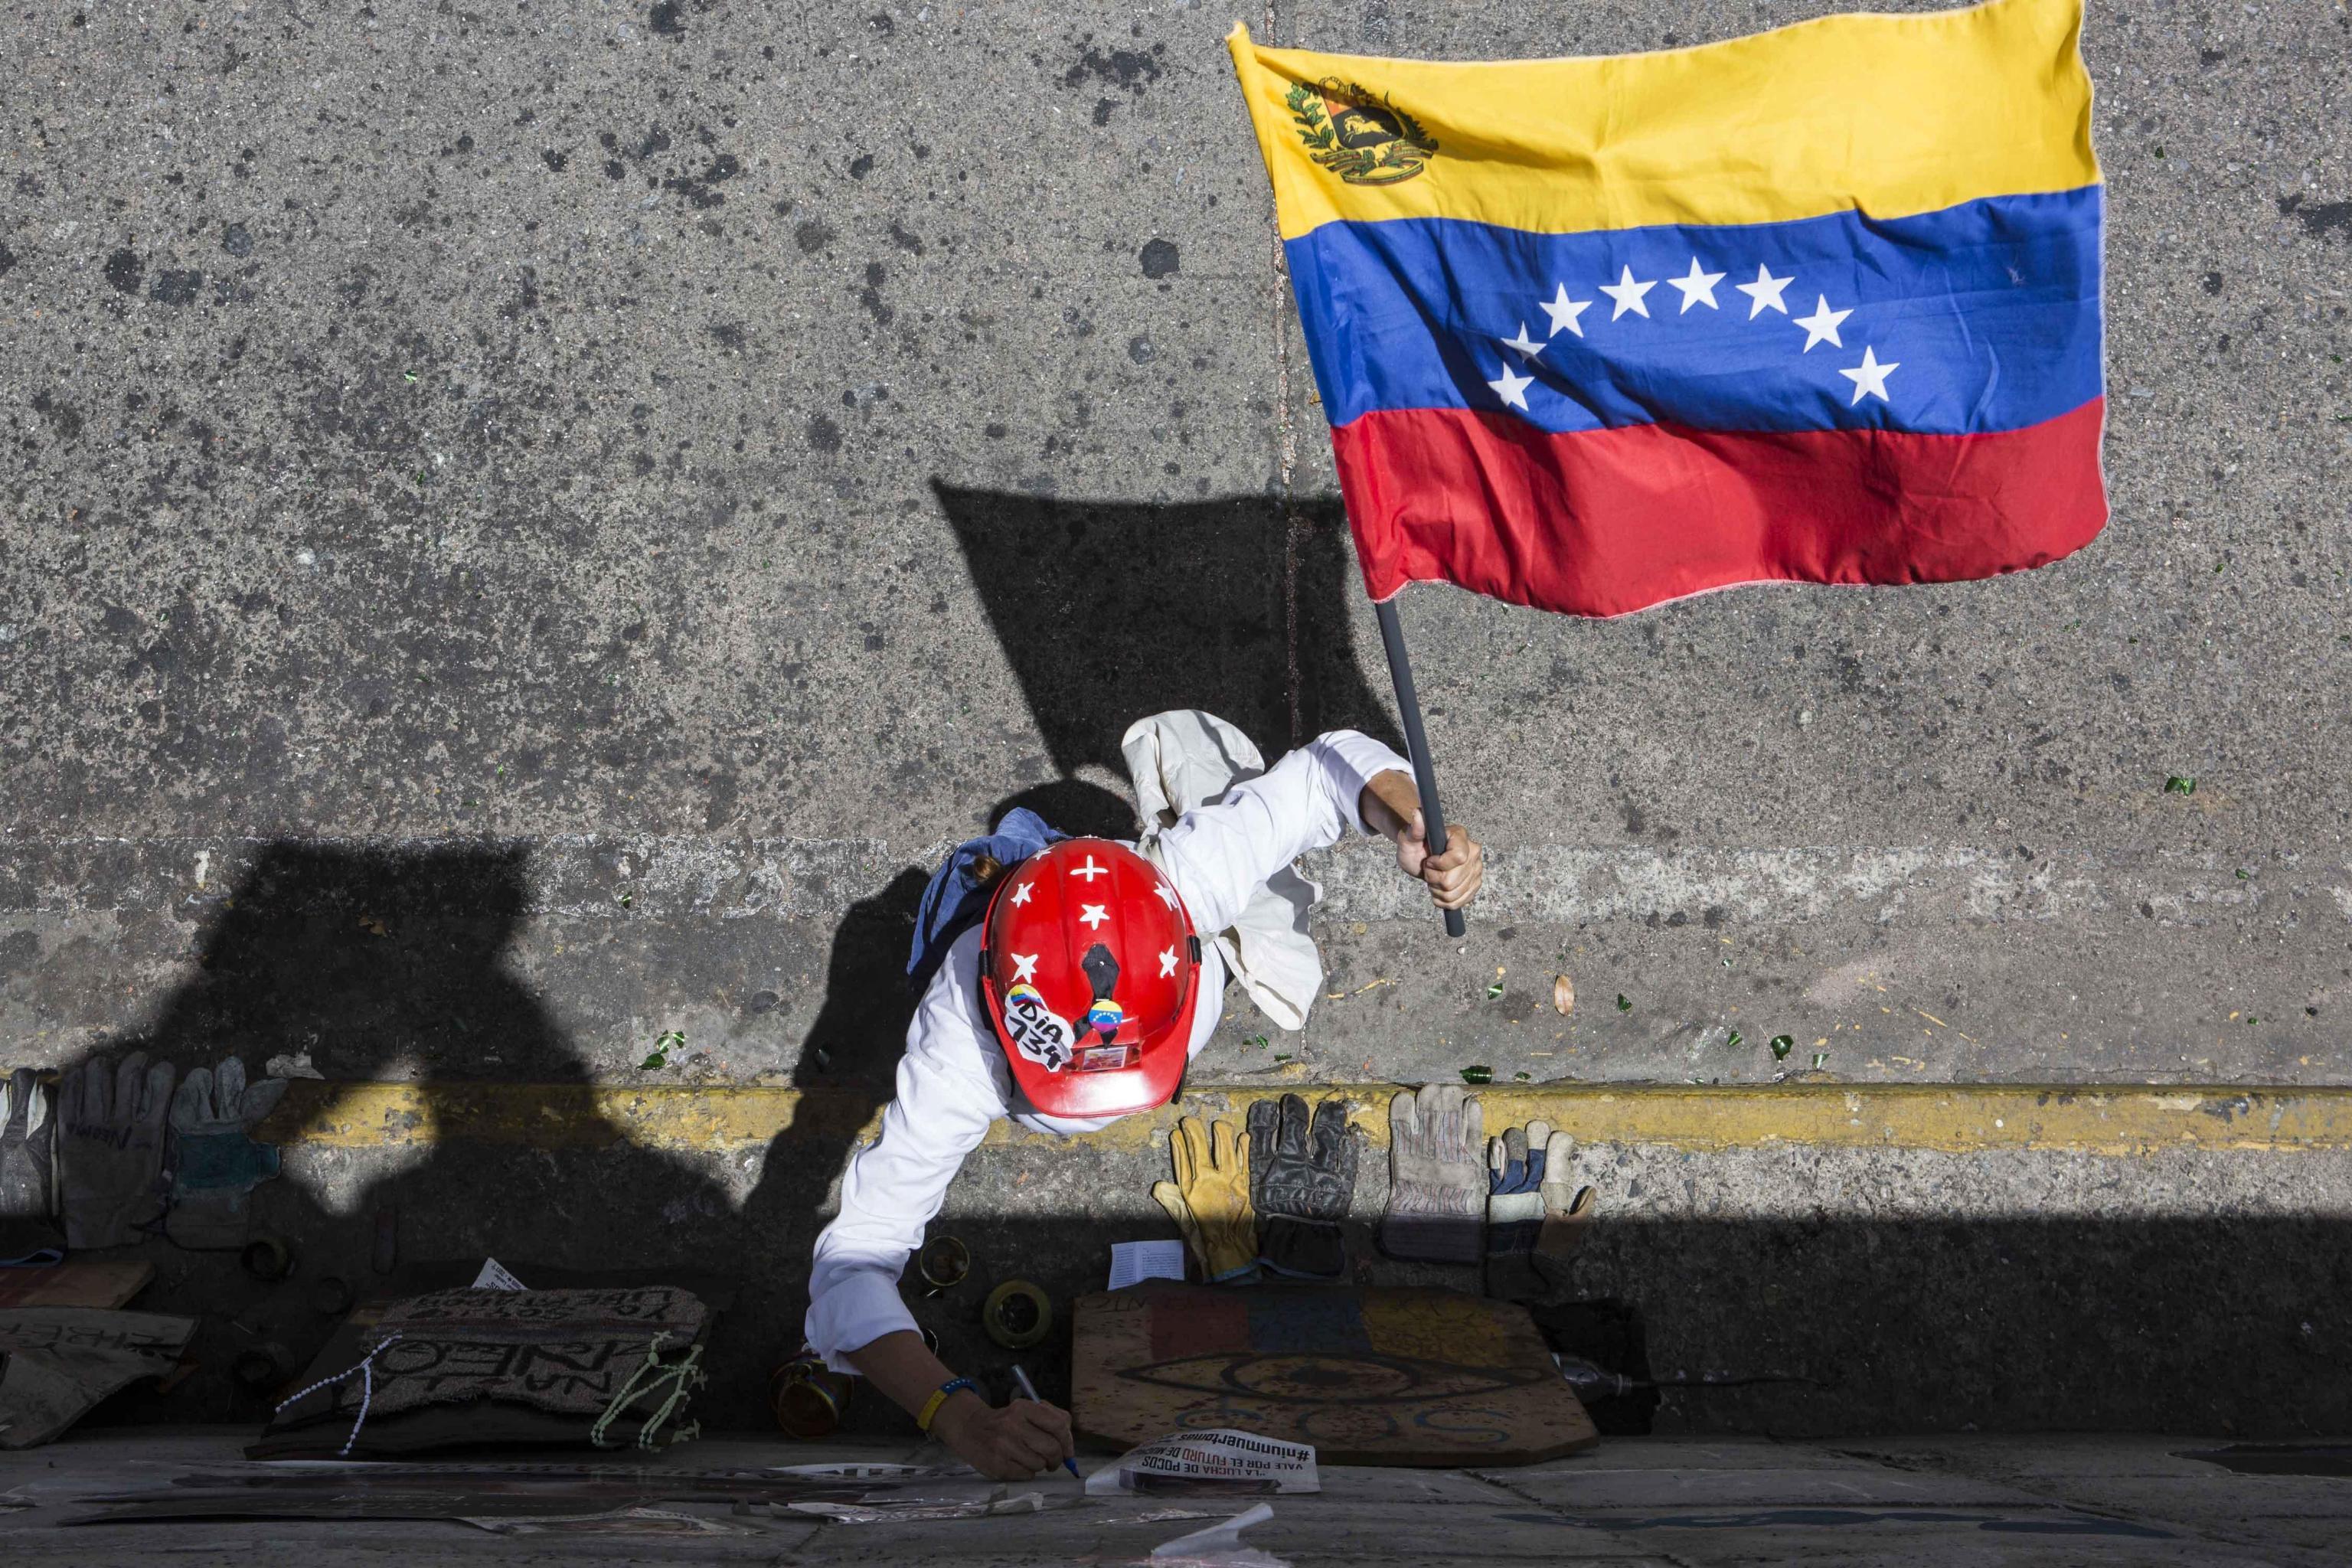 Una manifestante contro il governo Maduro in Venezuela